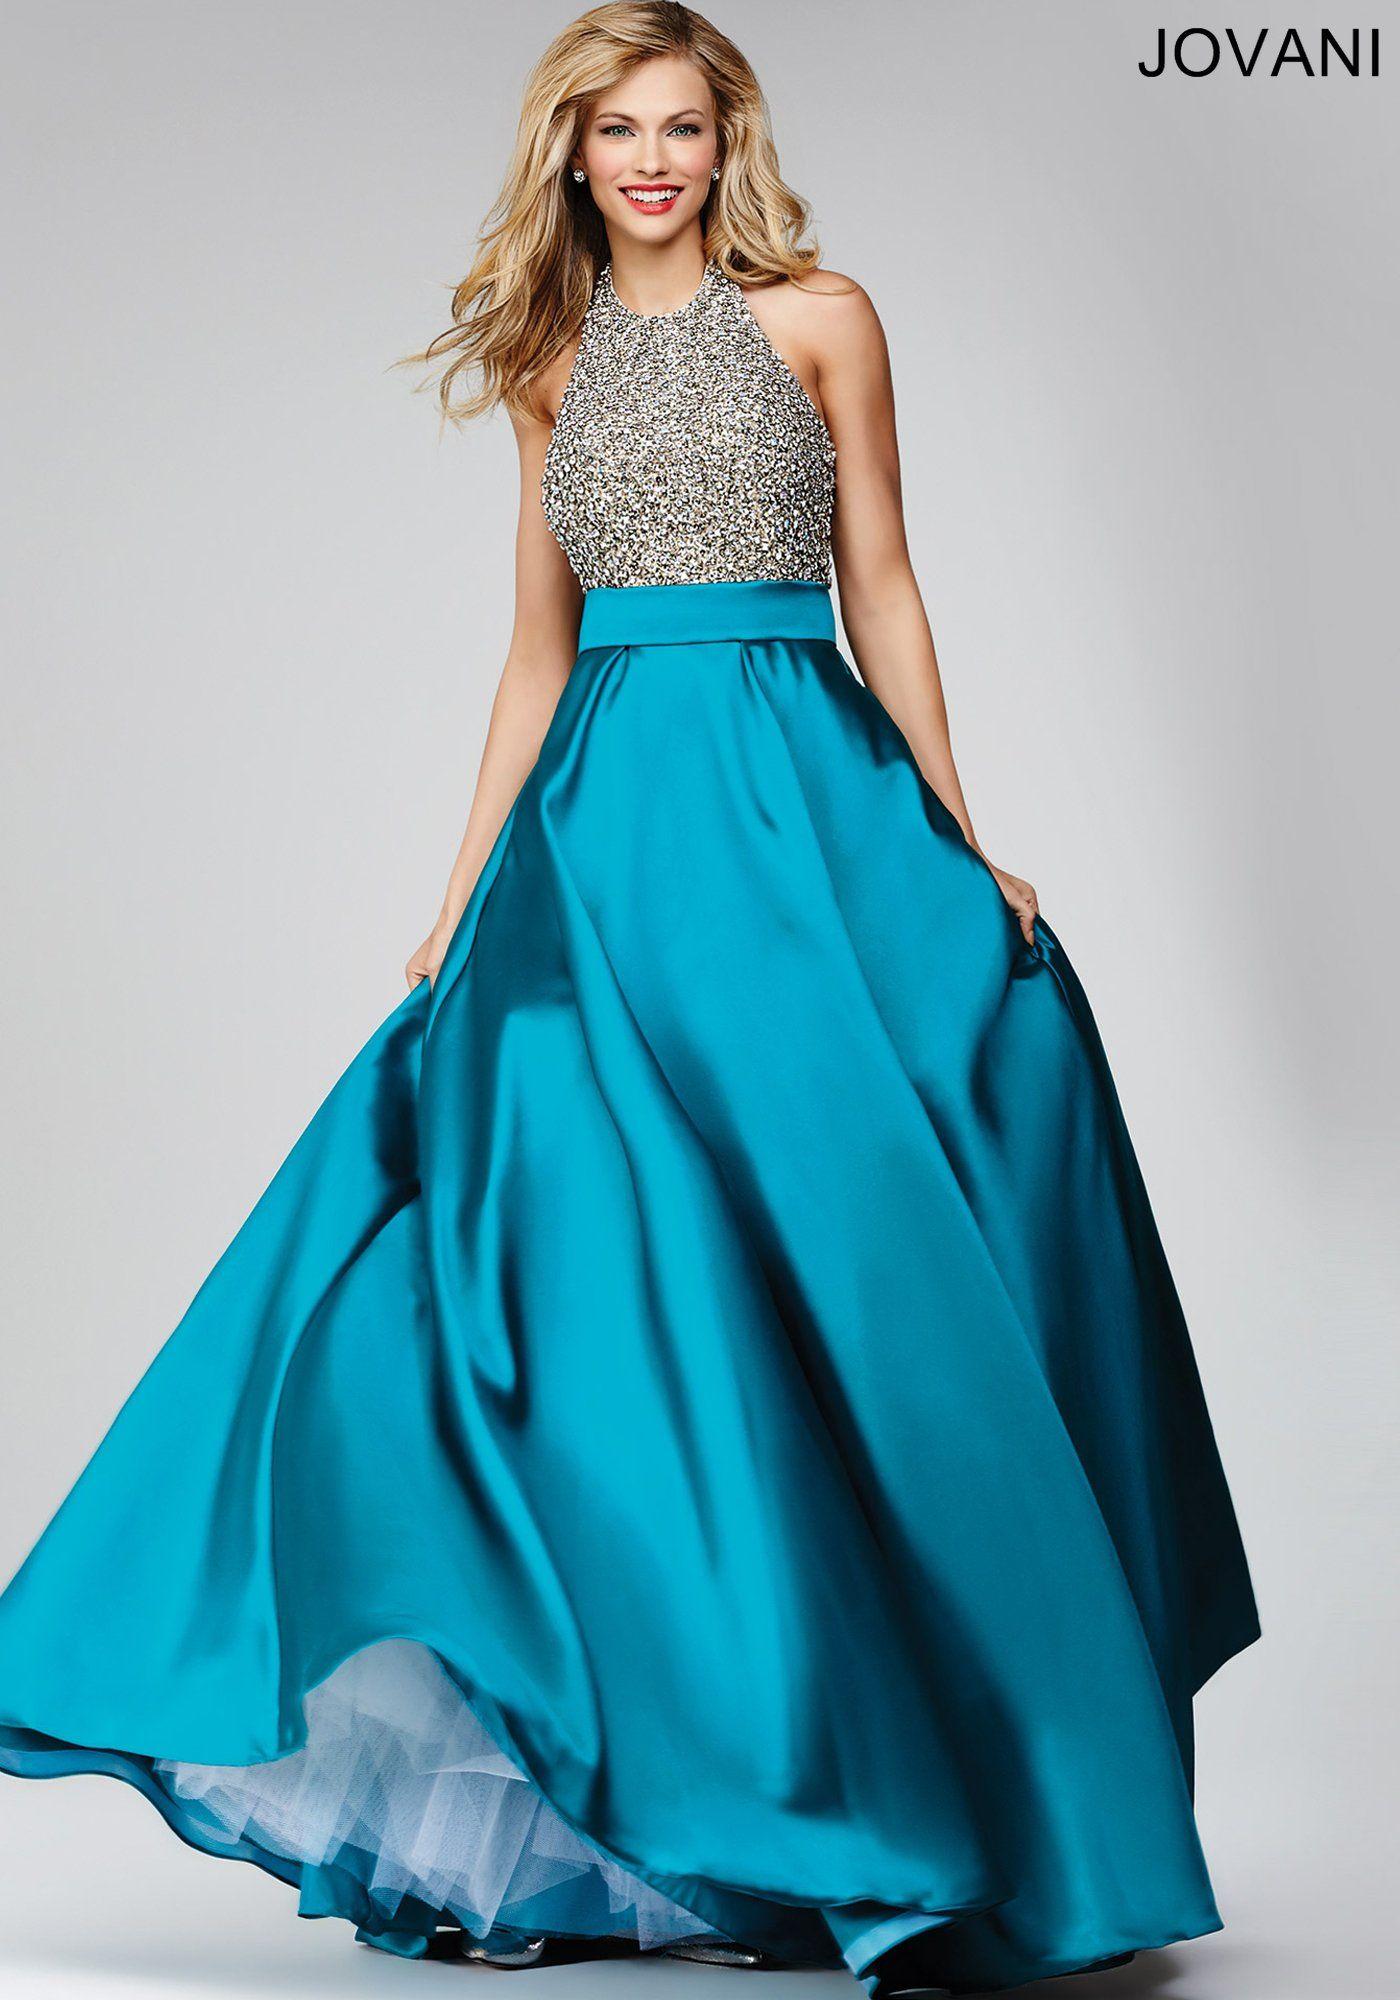 Teal Halter Ballgown Prom Dress 29160 | Designer Dresses ...